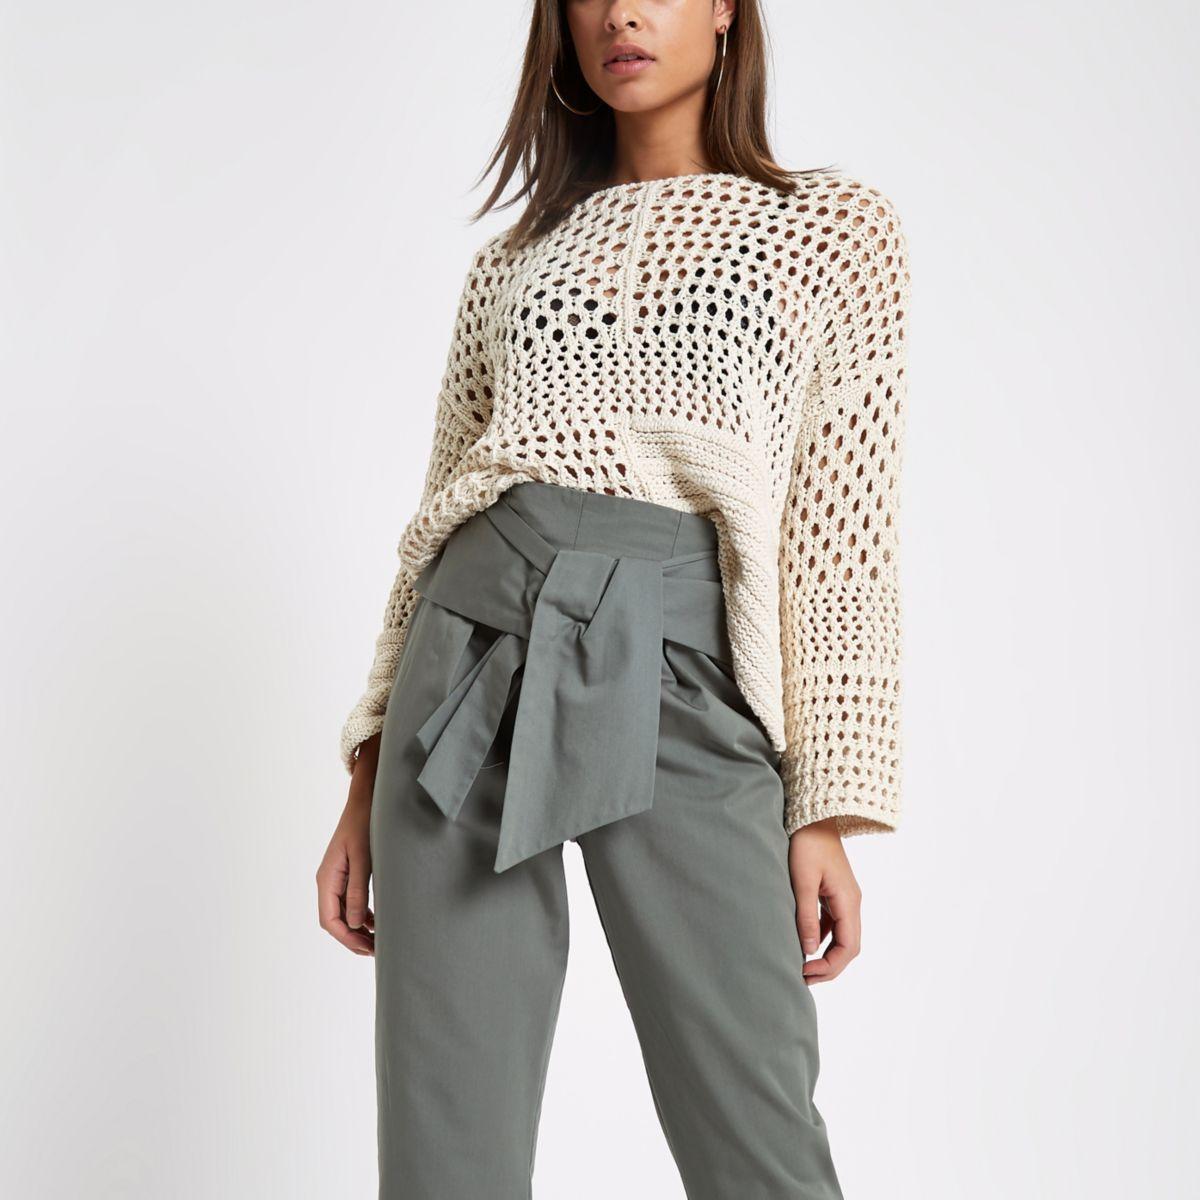 Cream crochet knit boxy sweater